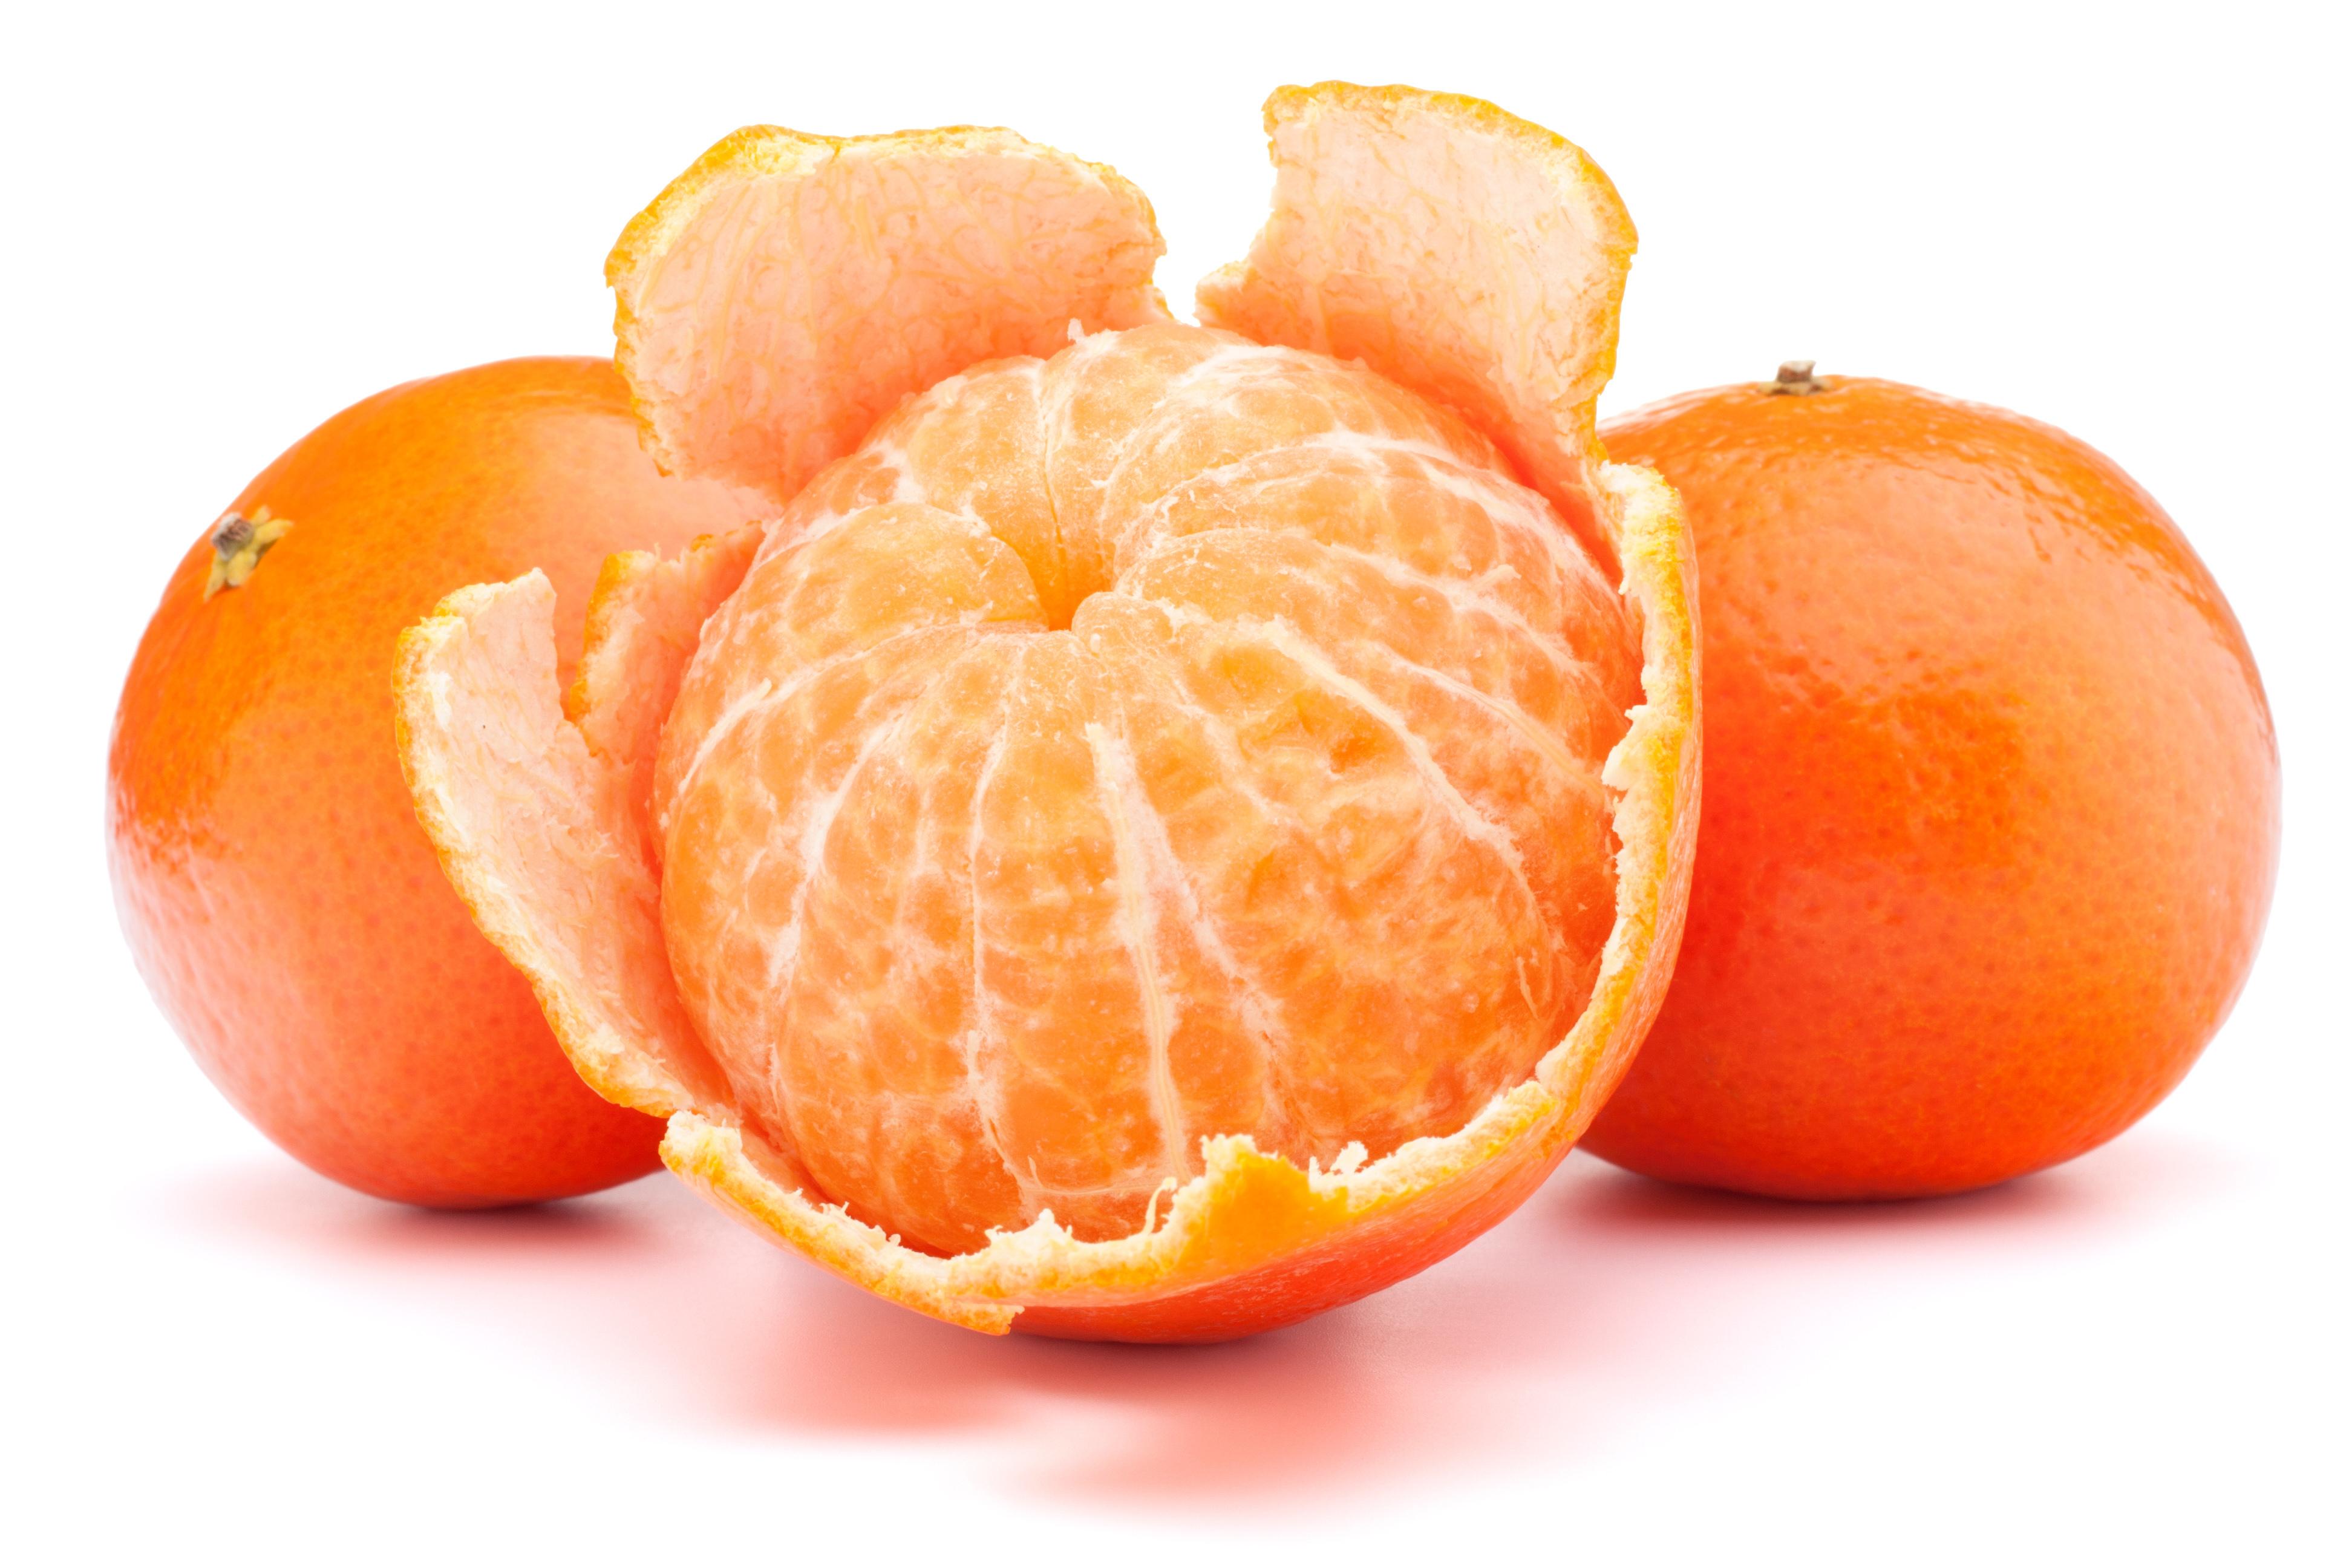 Konsumoni mandarina, këto janë vlerat e tyre ushqyese!